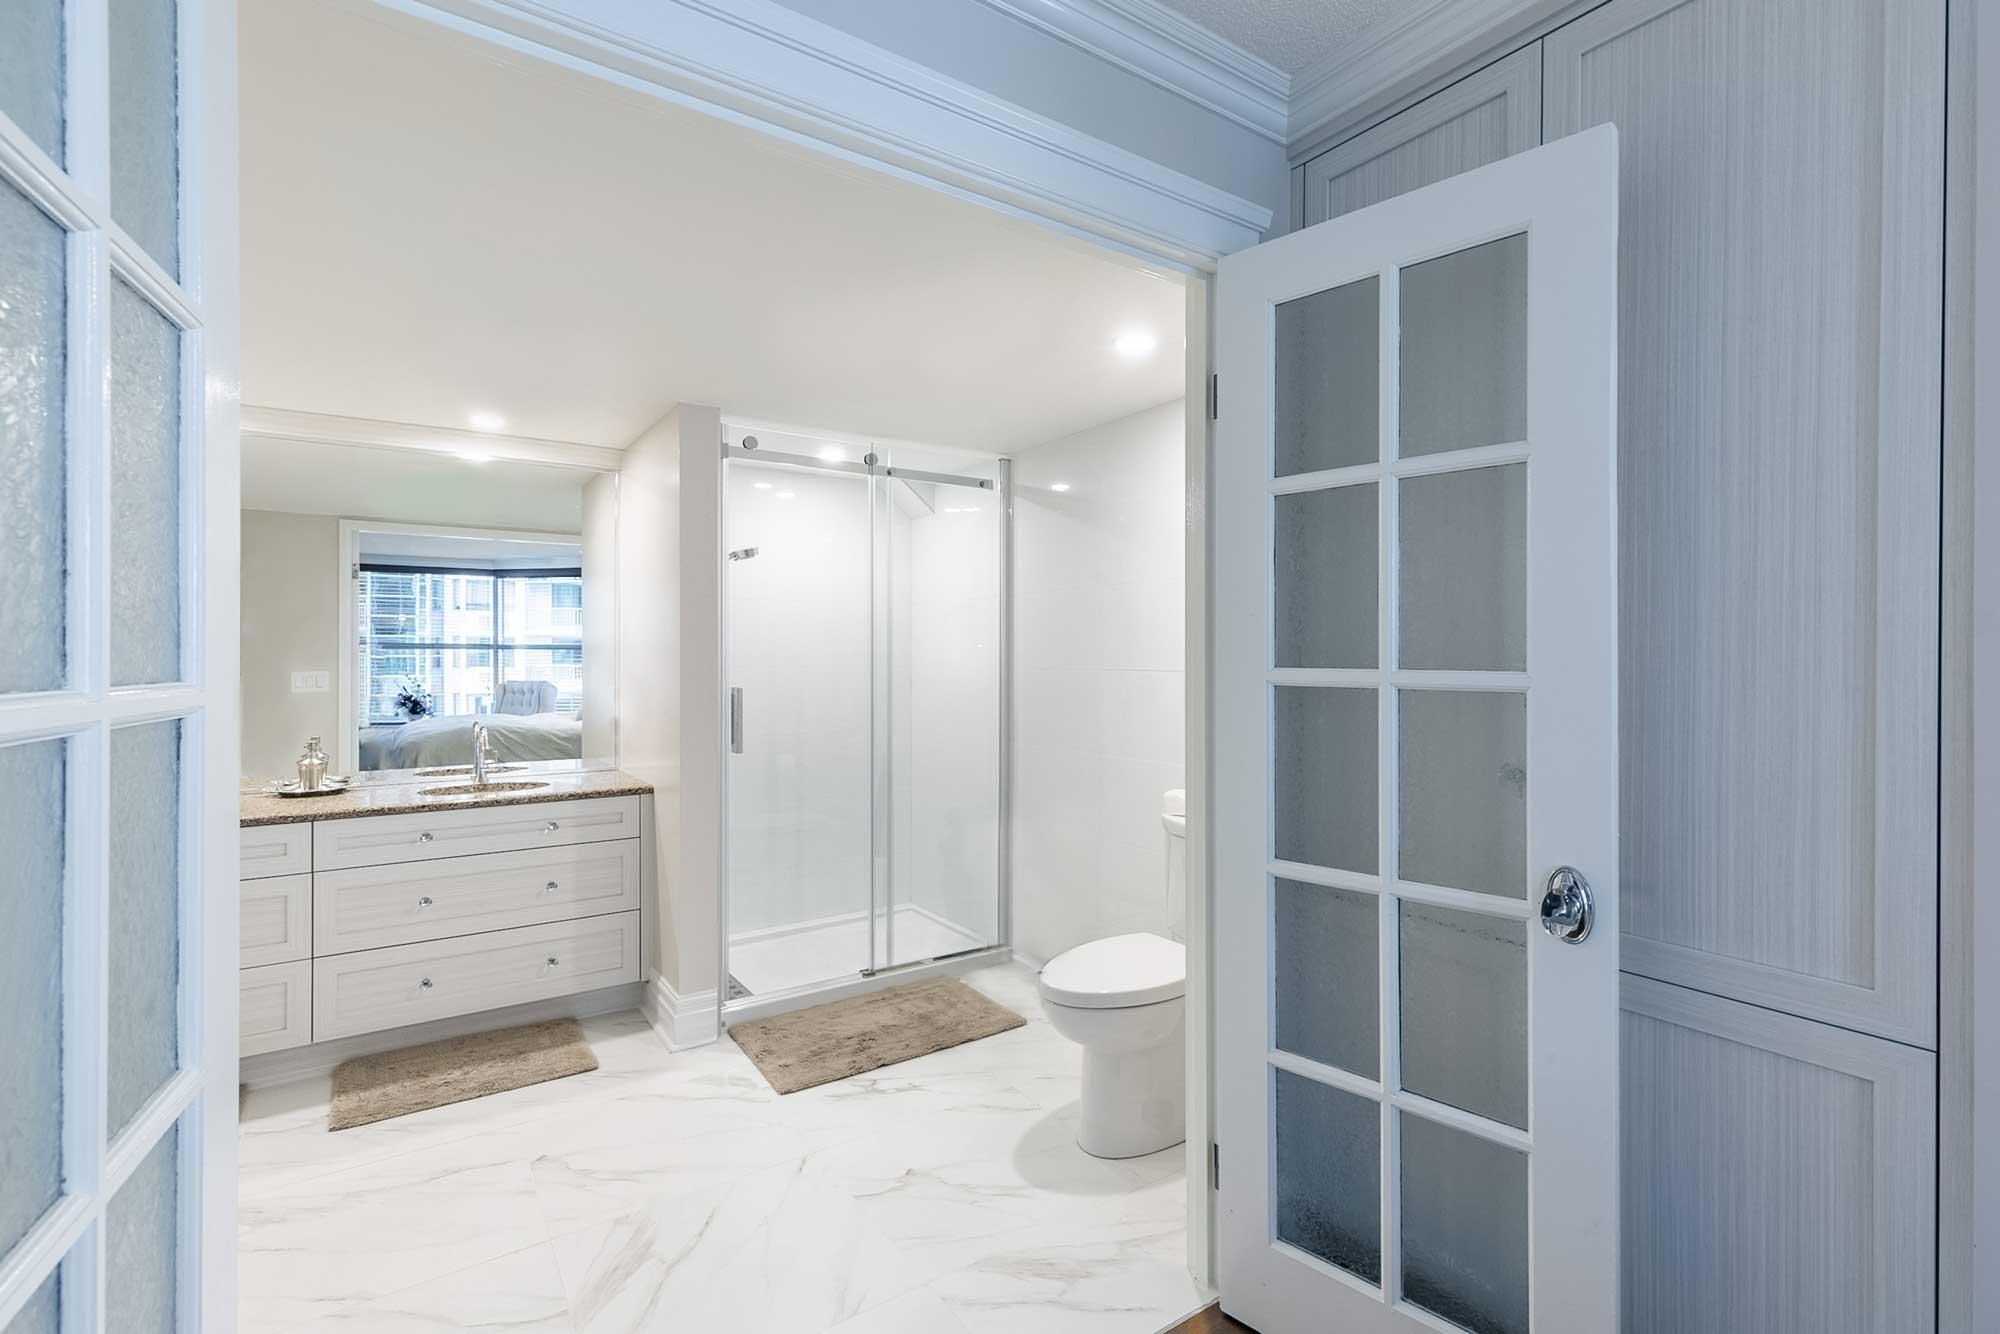 rénovation de salle de bain avec vanité blanche et douche vitrée